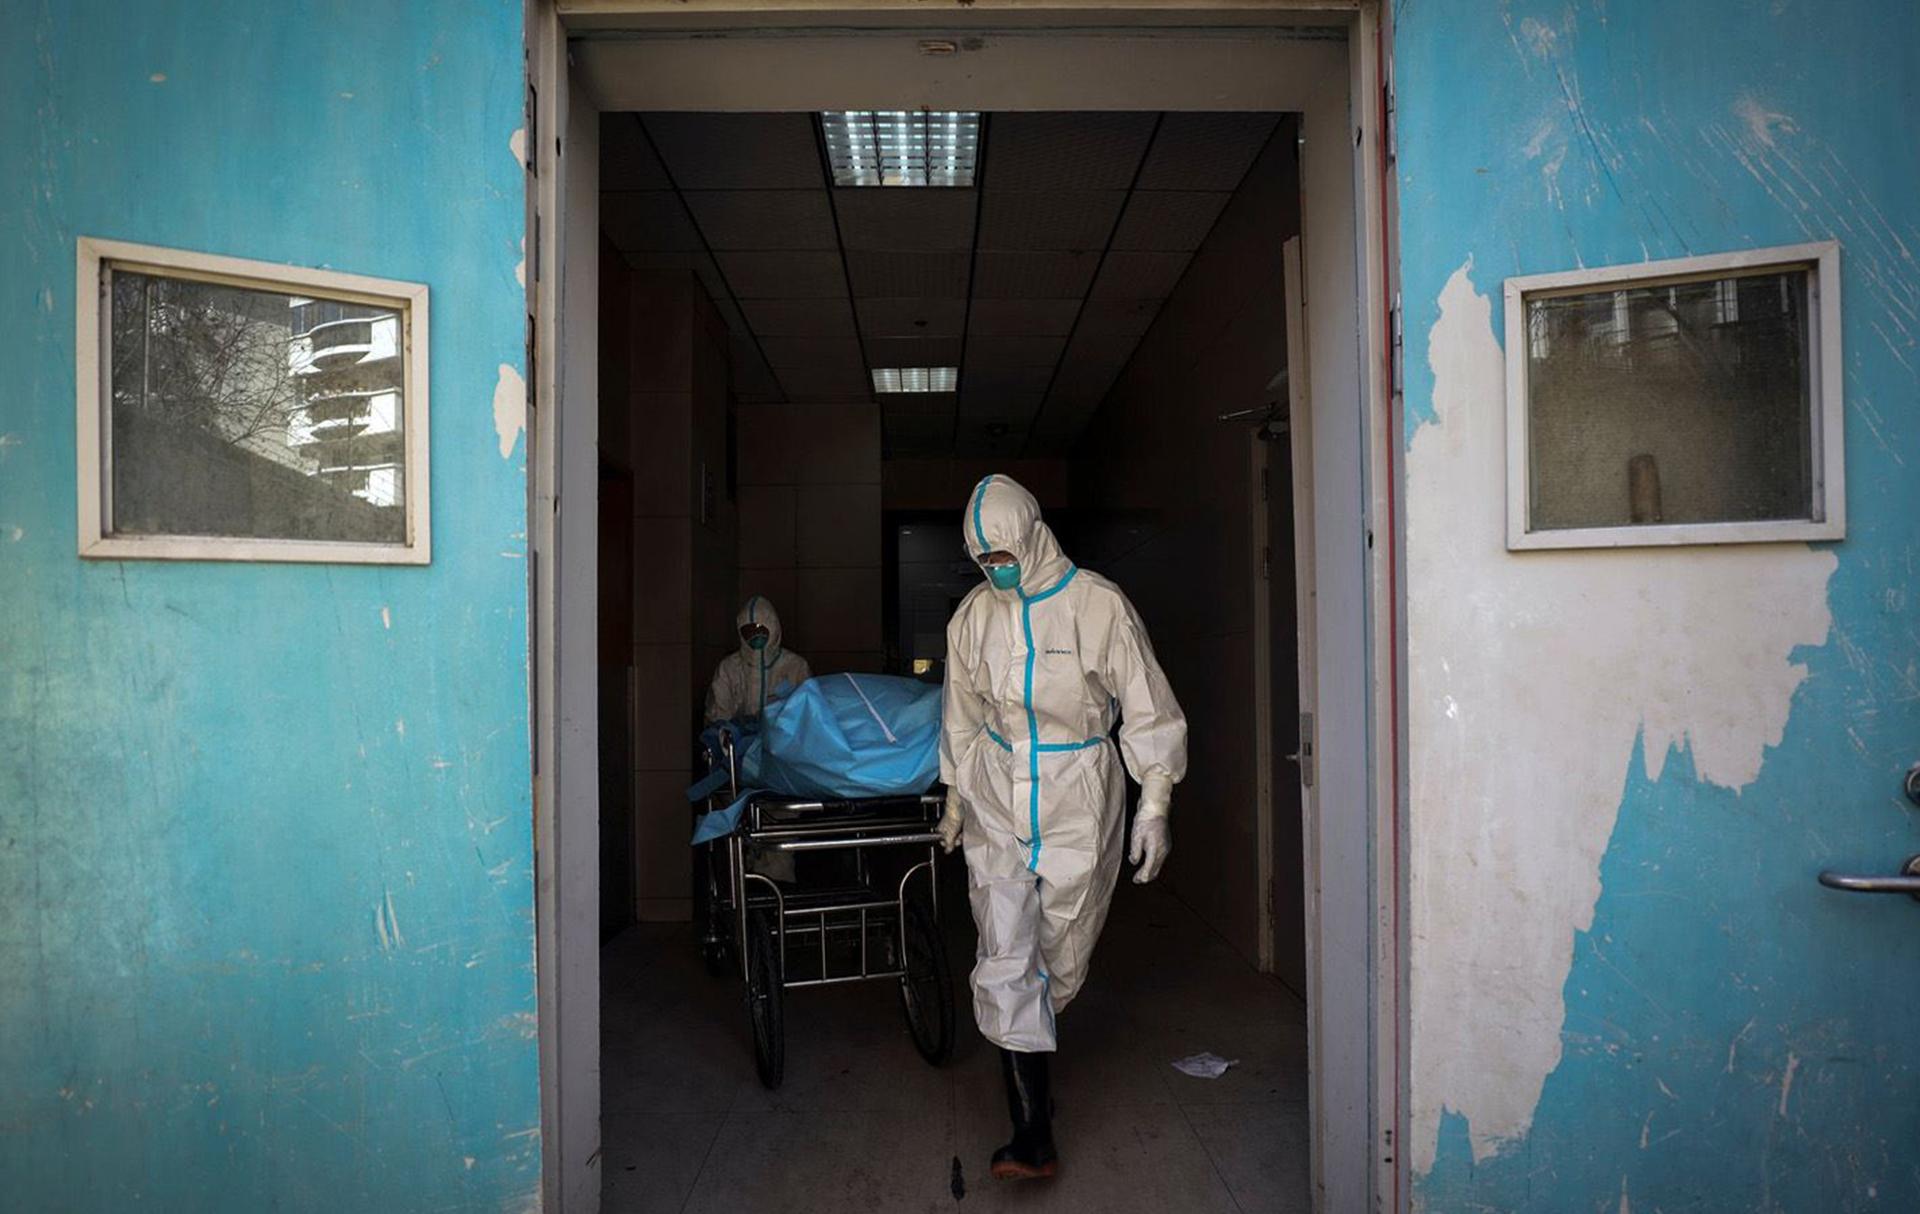 میانگین سنی درگذشتگان ویروس کرونا چقدر است؟